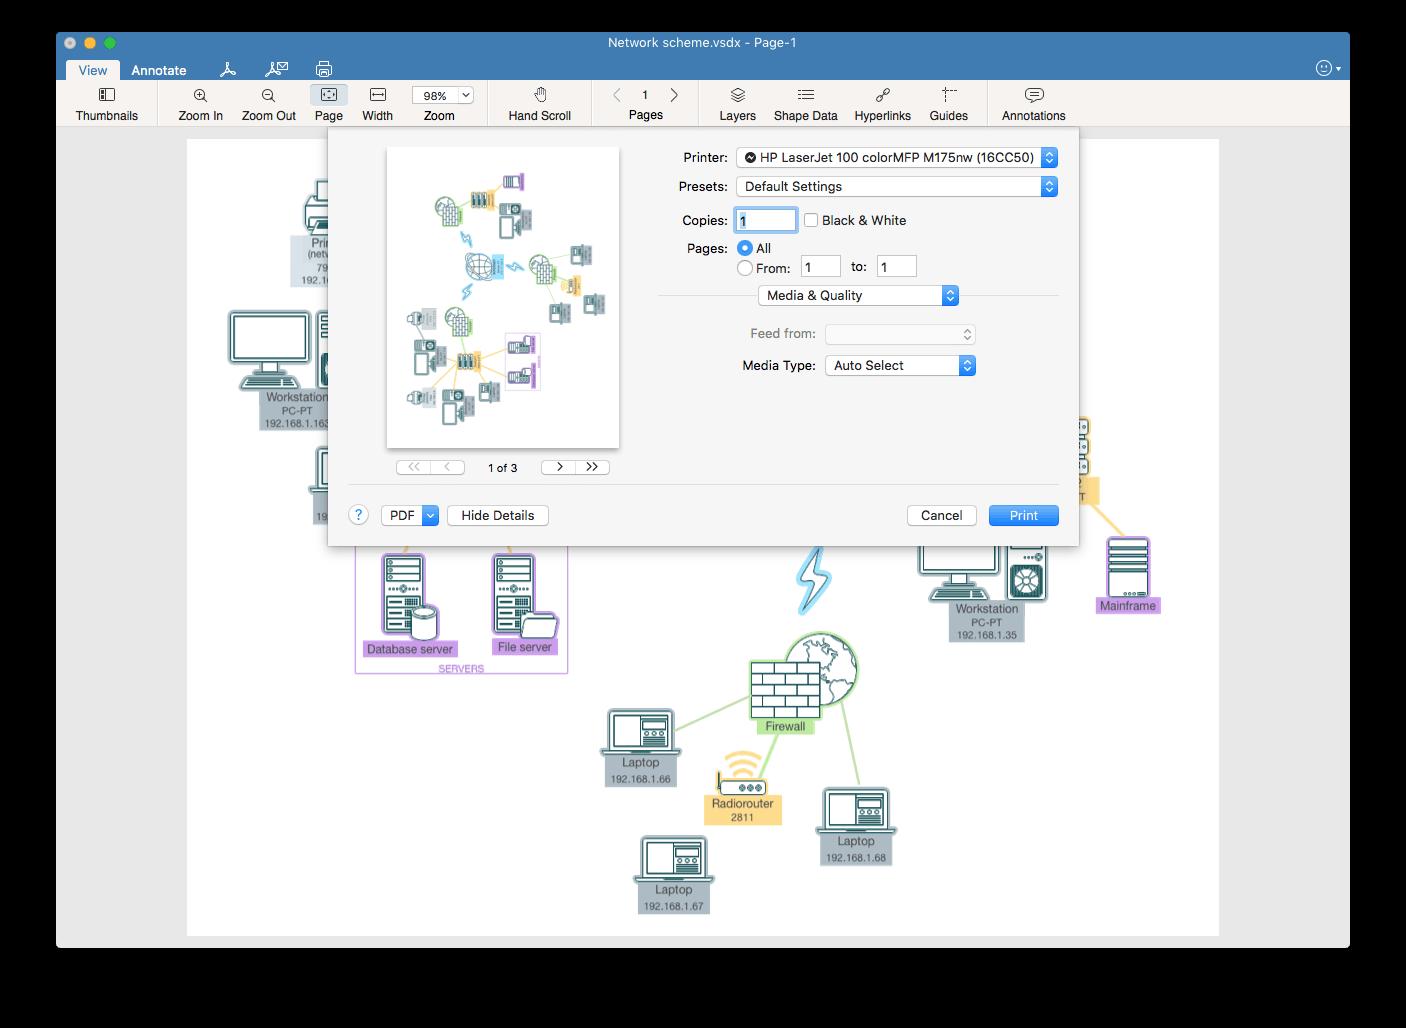 print visio drawings on Mac